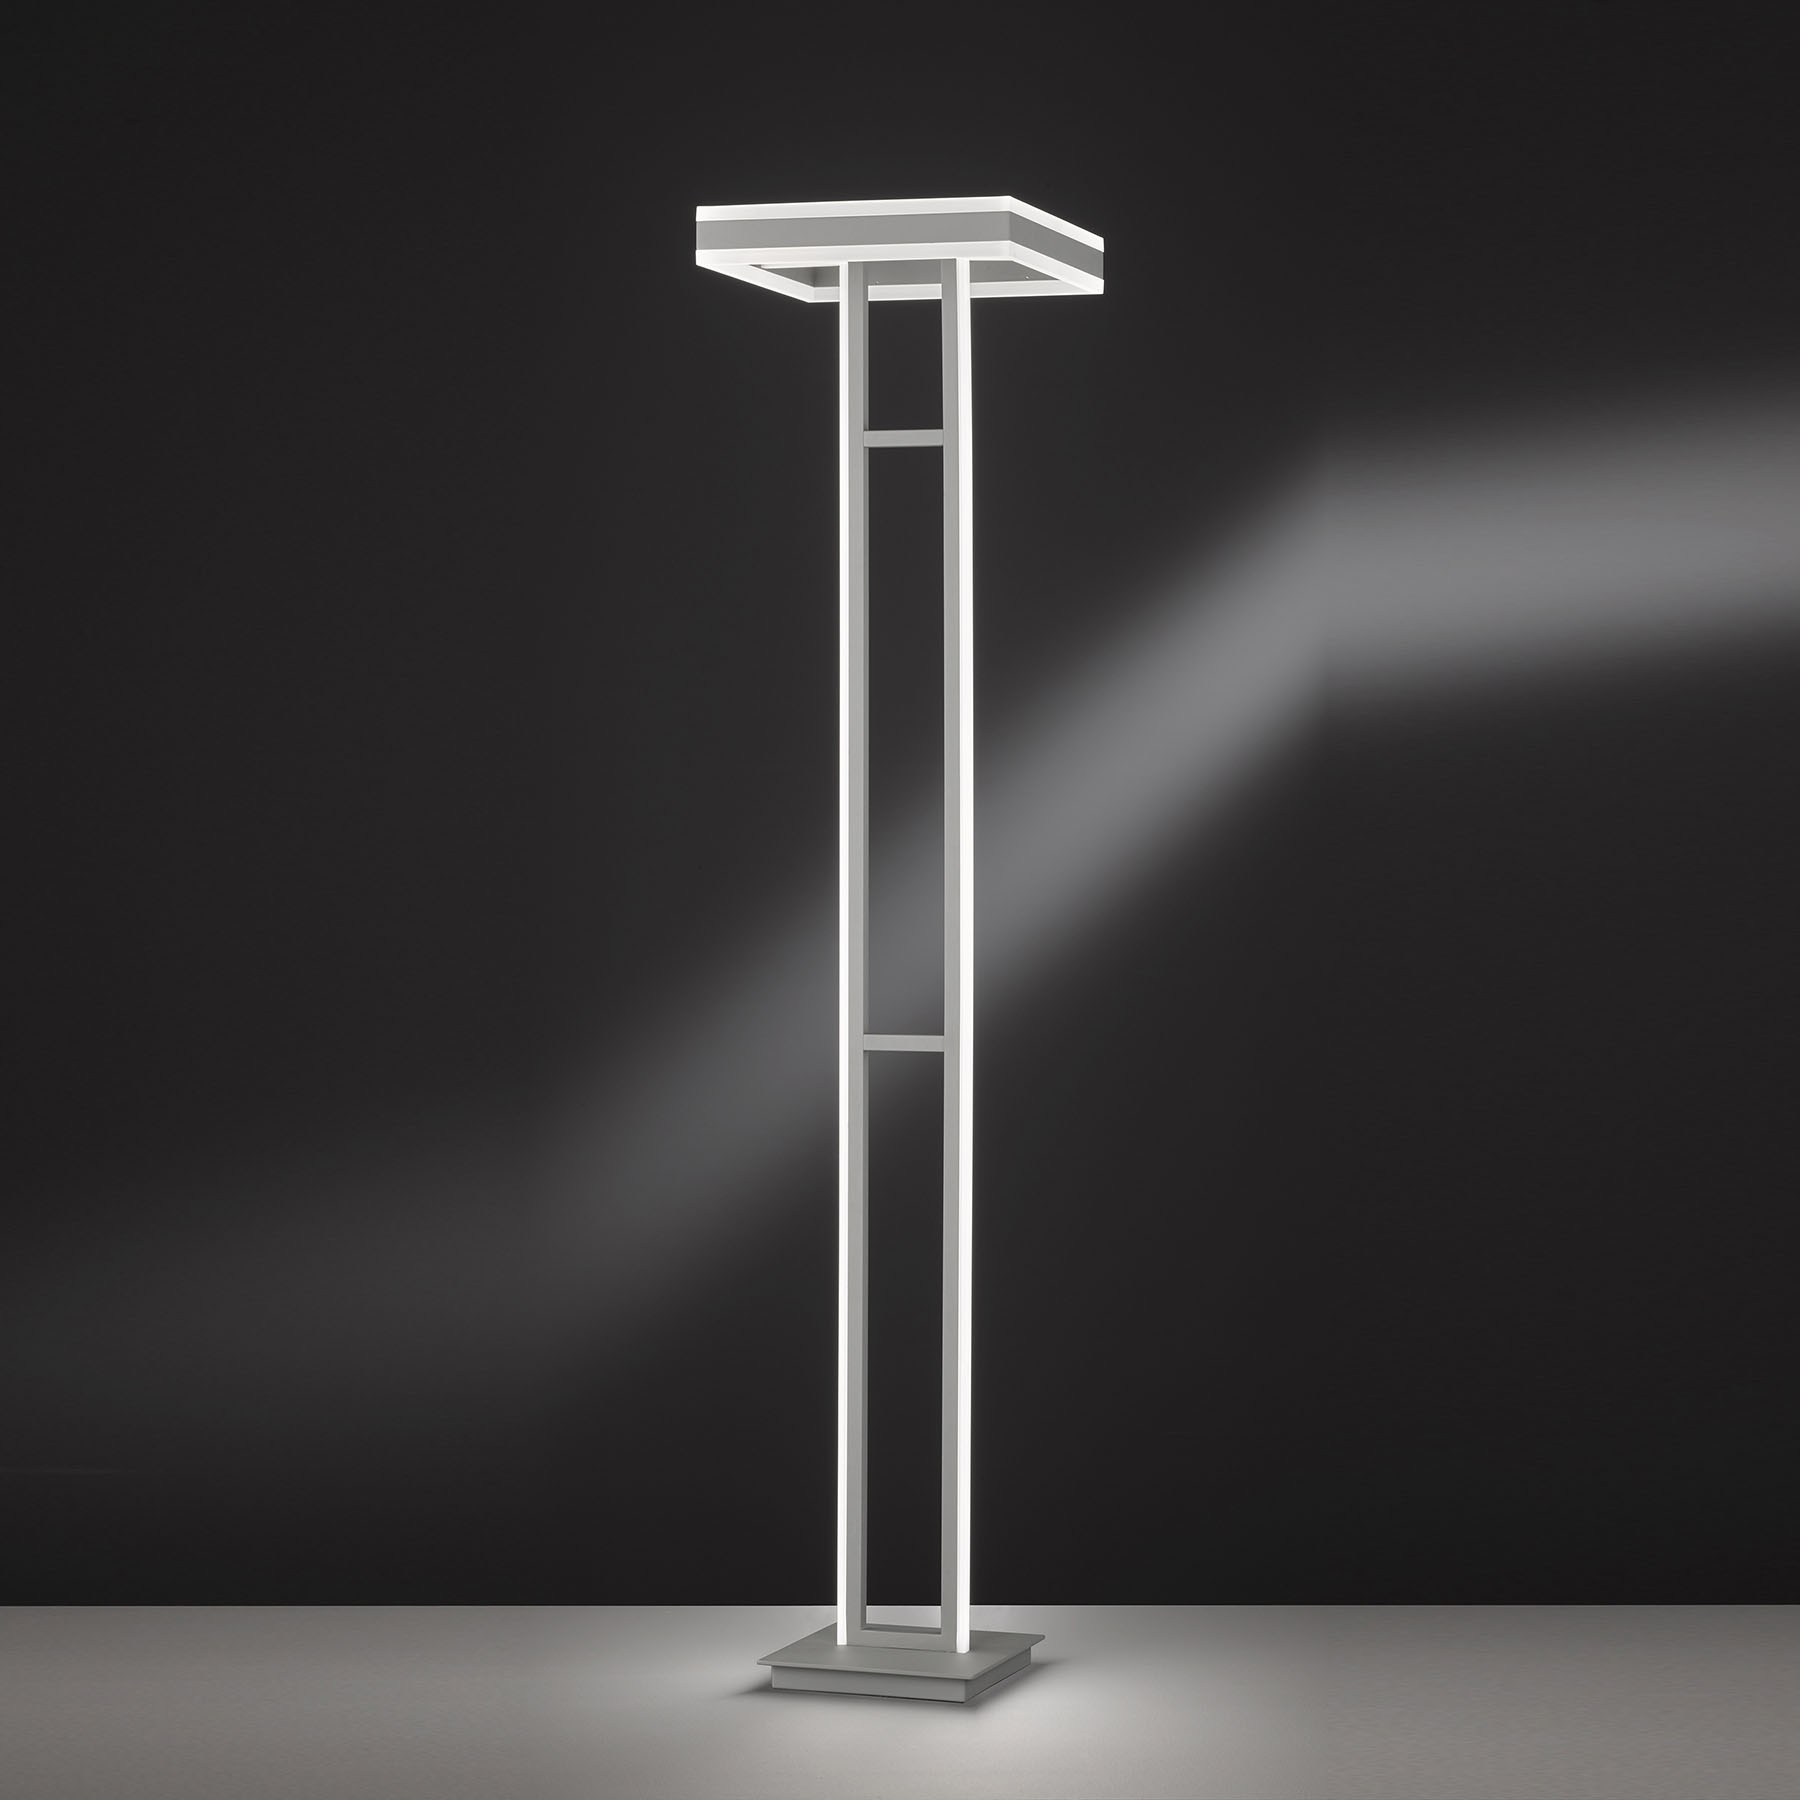 LED-riippuvalaisin Kemi, kaukosäädin, kulmikas